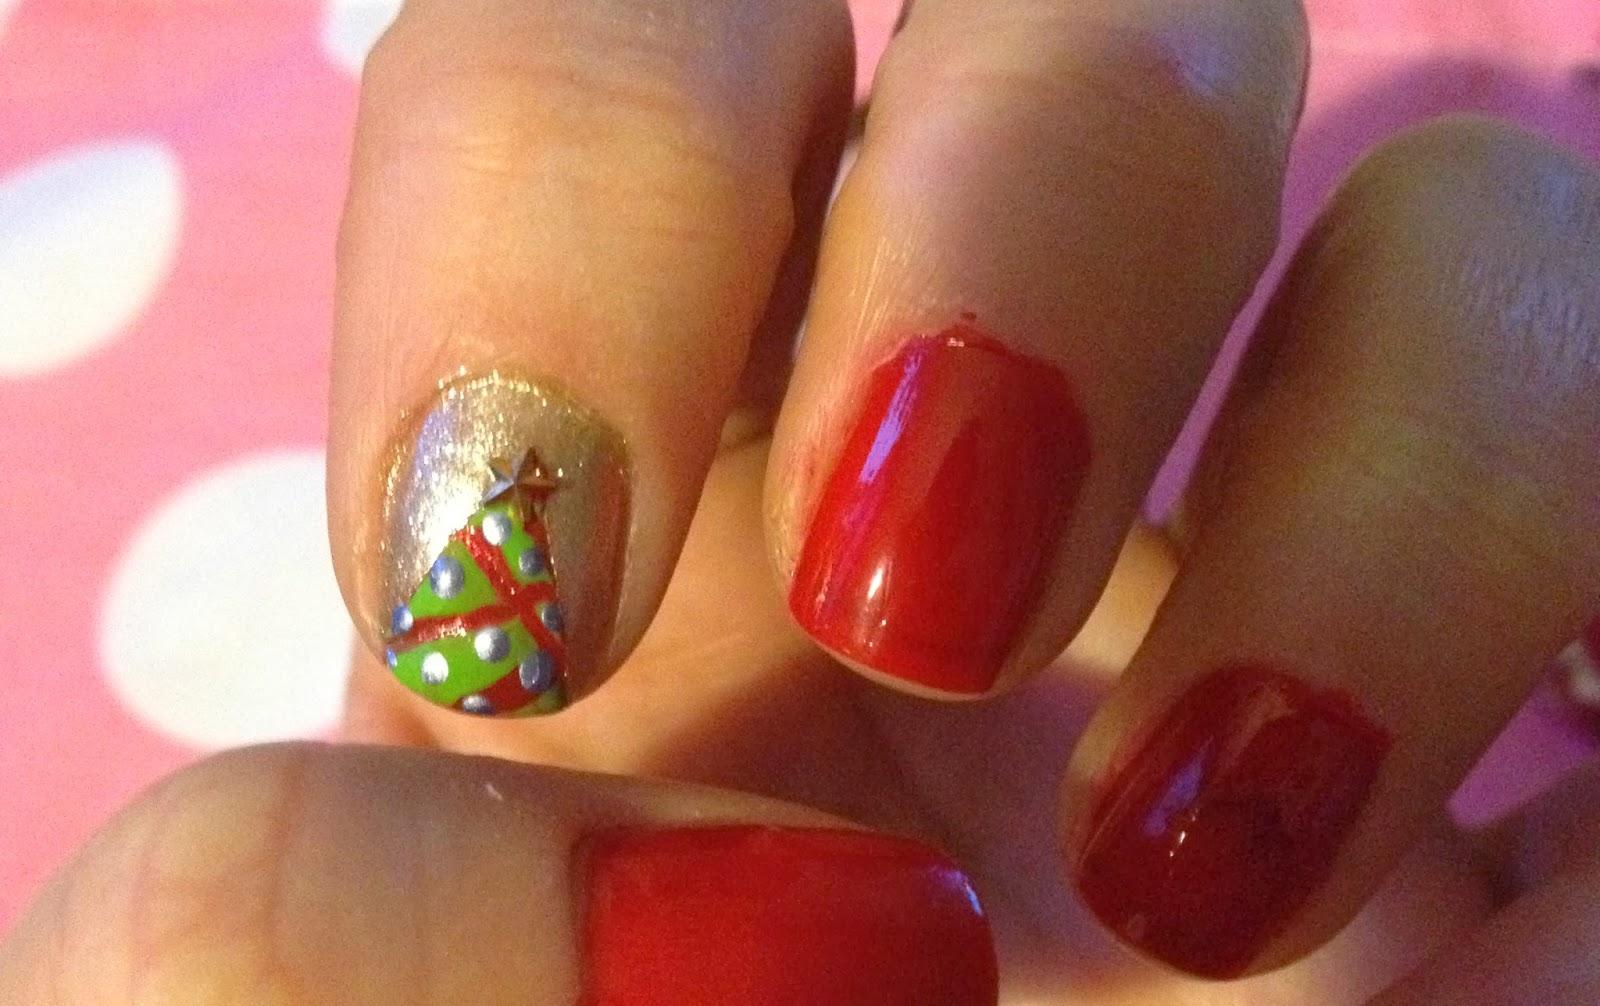 Y tu, ¿cómo te vas a pintar las uñas hoy?: Feliz Navidad!!